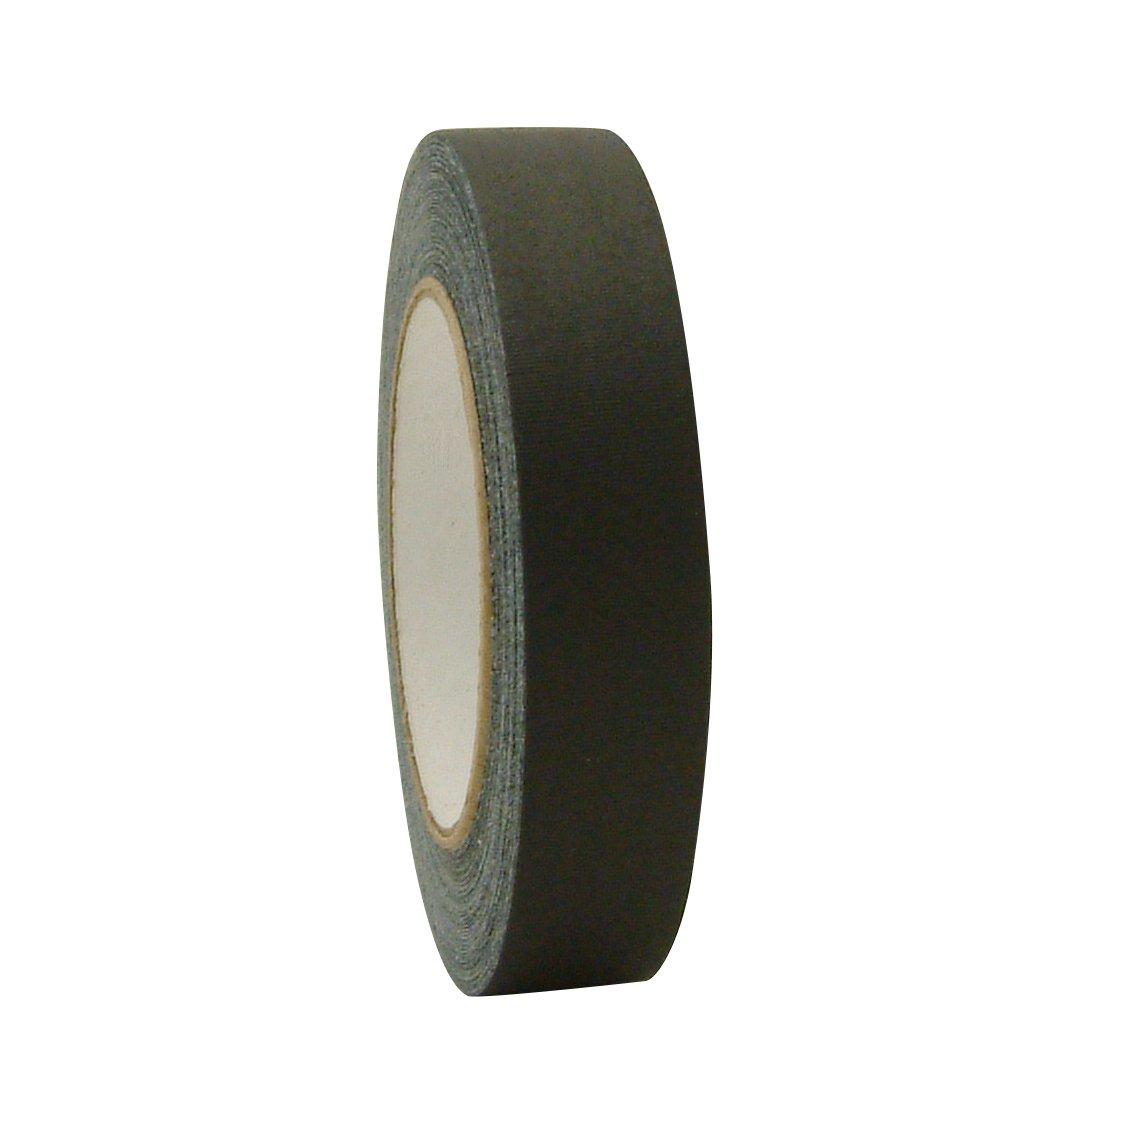 J.V. Converting GAFF30YD/BLK130 JVCC GAFF30YD Premium Grade 30 Yard Gaffers Tape: 1'' x 30 yd., black